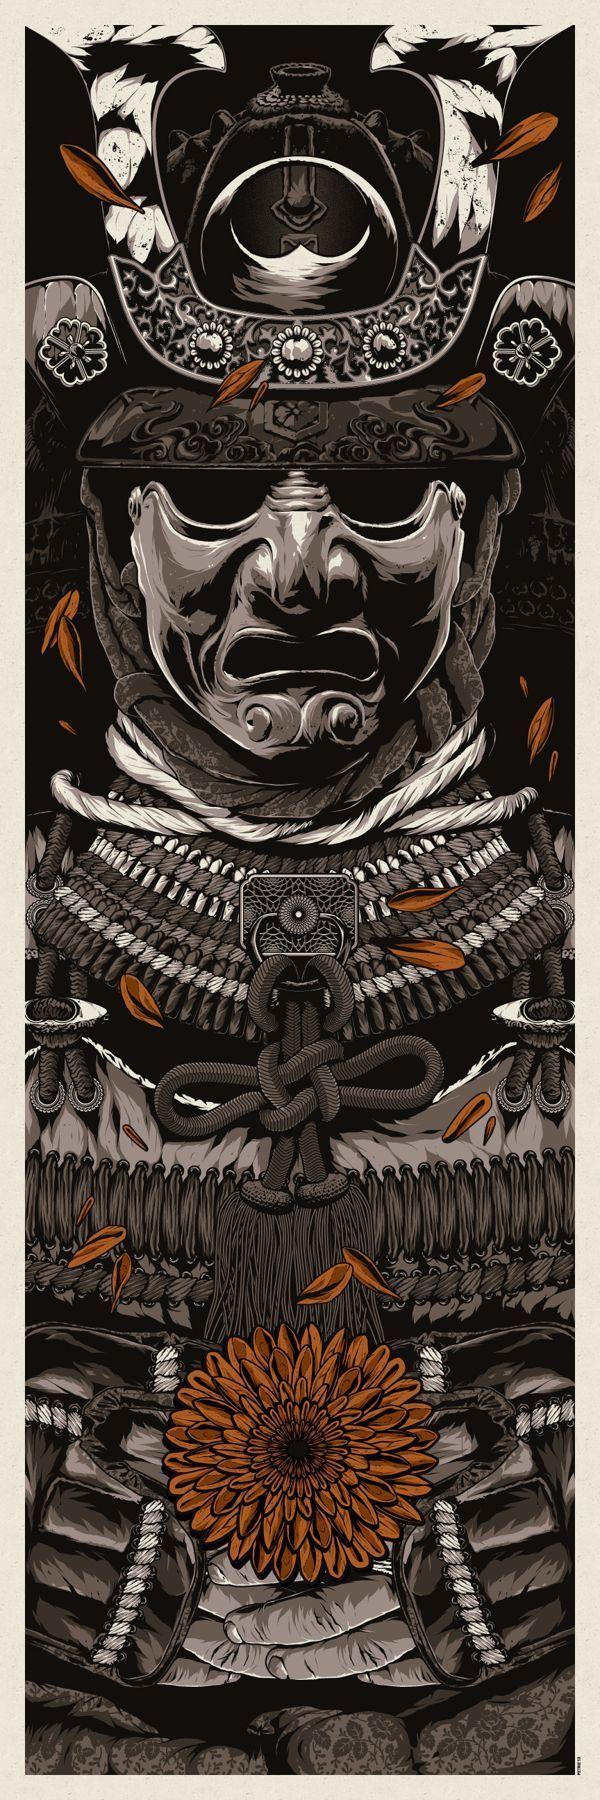 侍の芸術 (Arte Del Samurai) - Taringa!